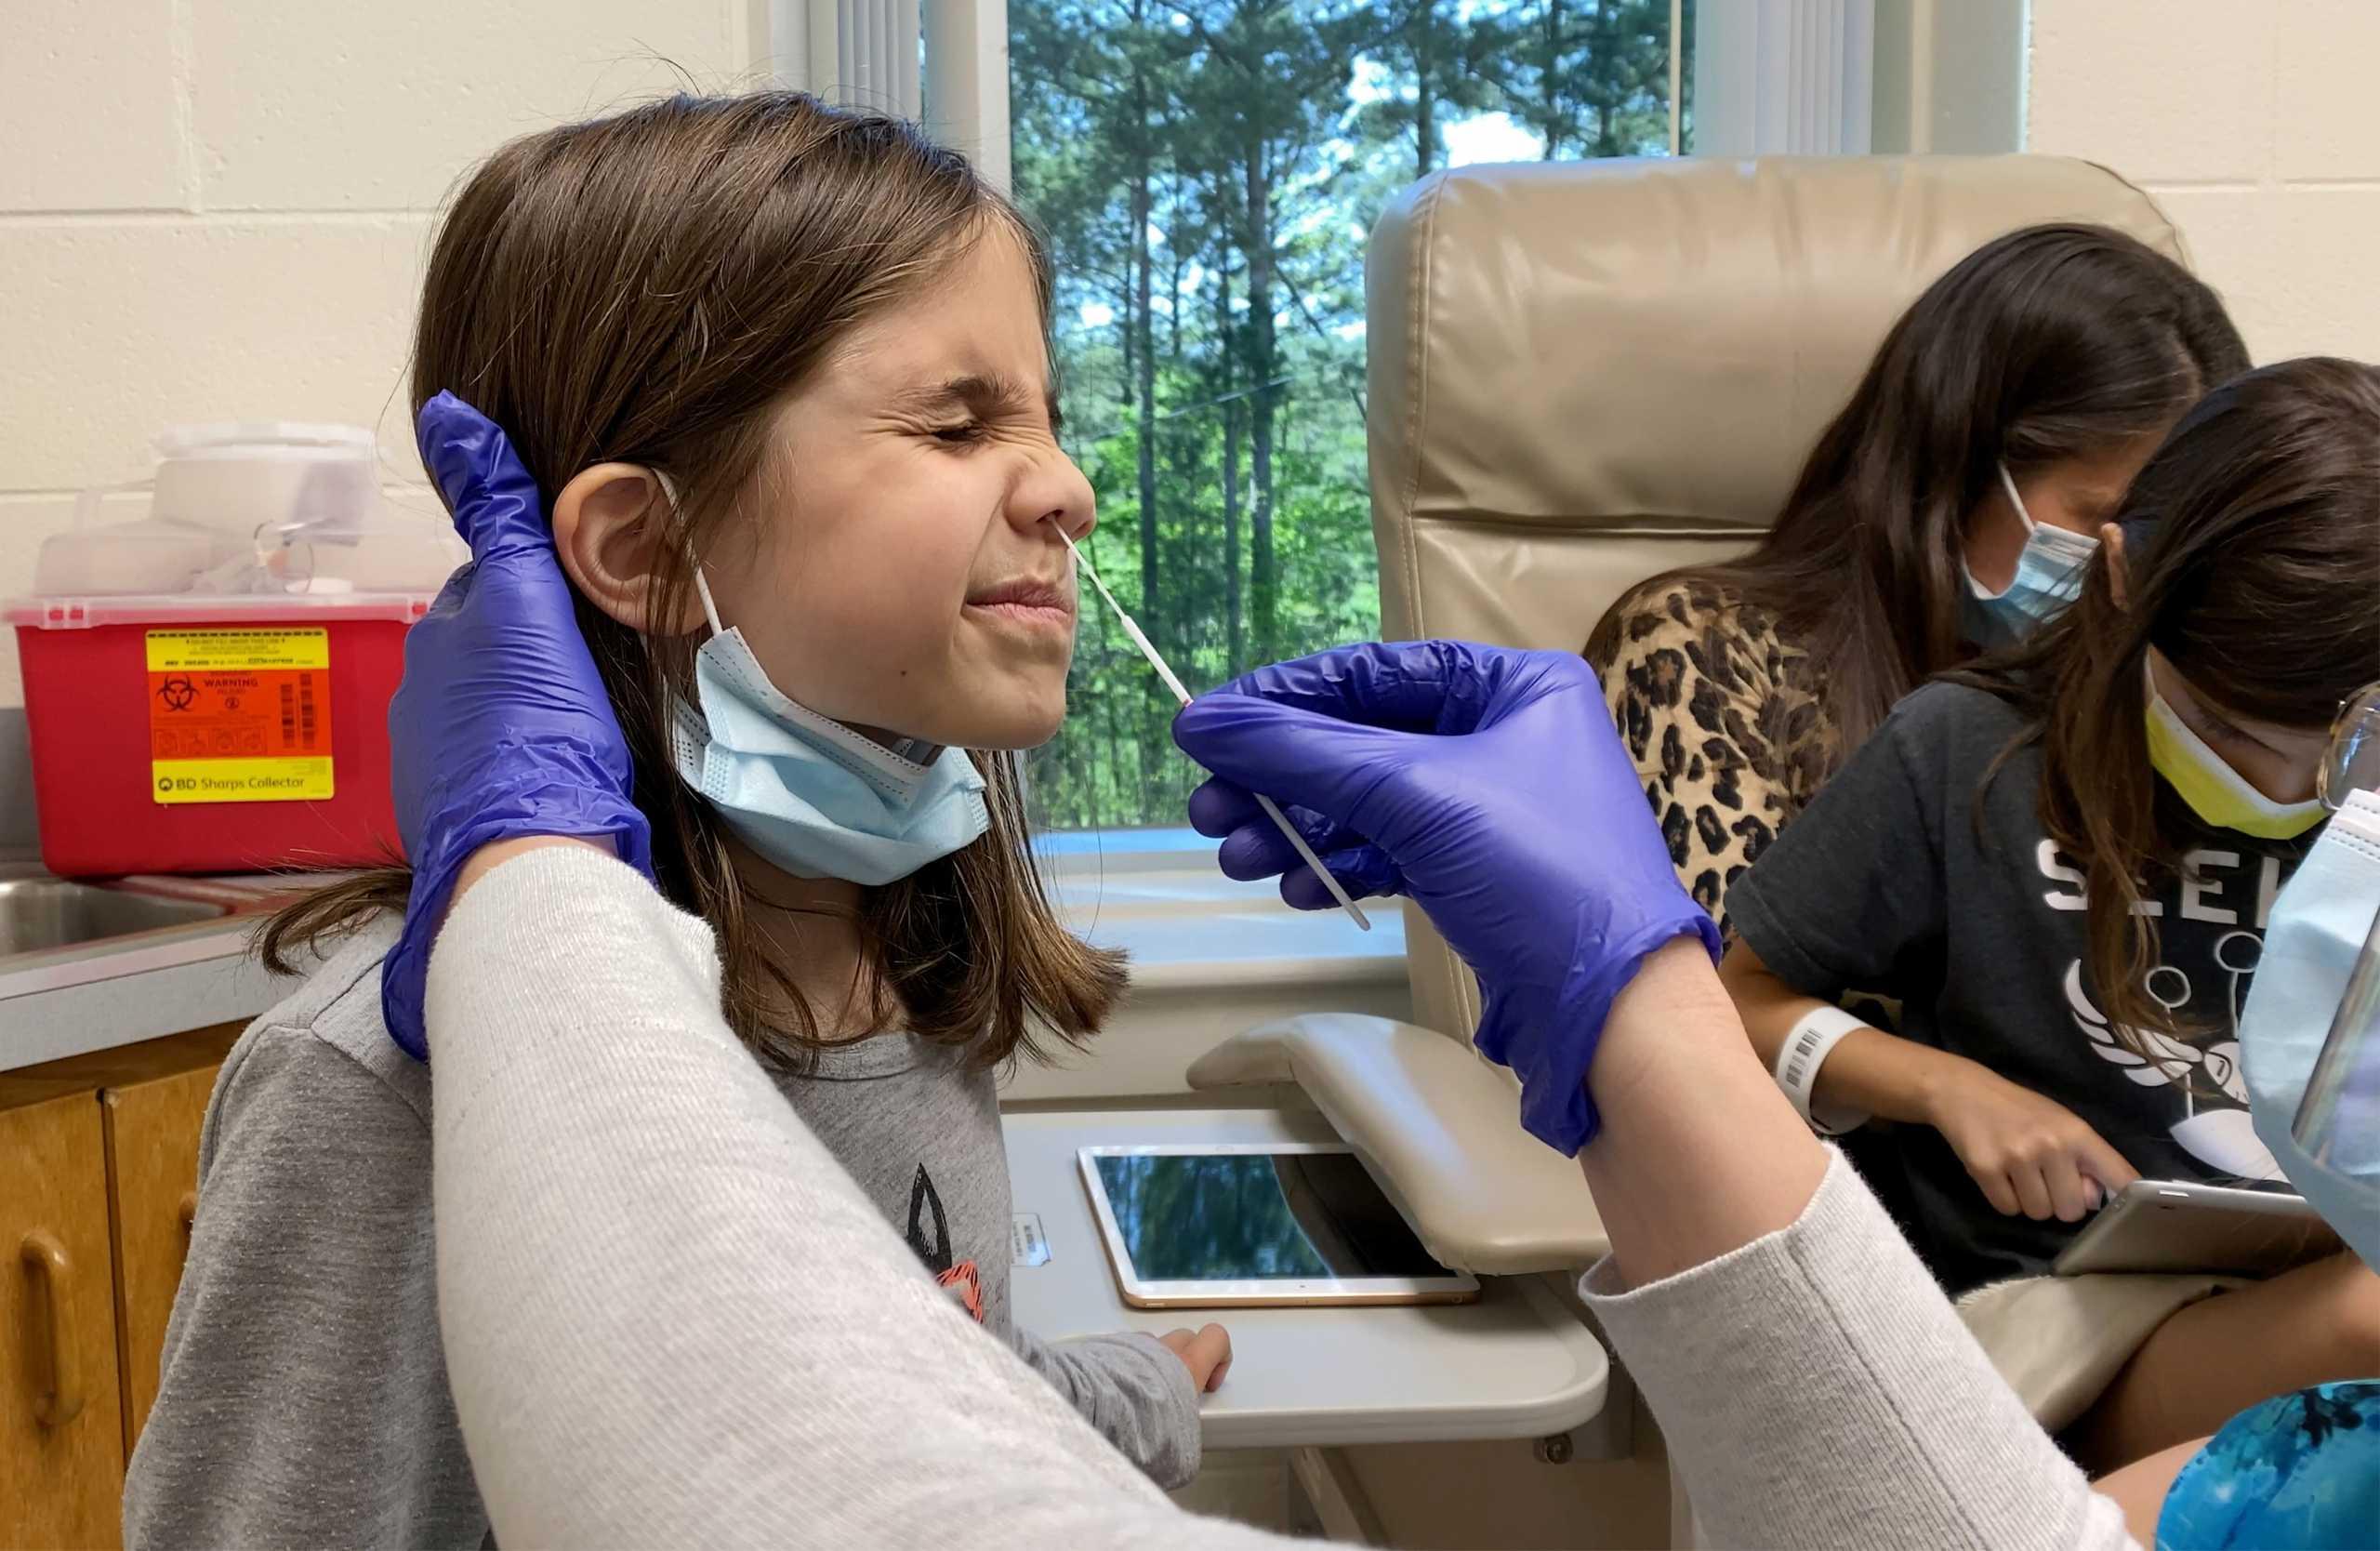 Έρευνα: Τα περισσότερα παιδιά με κορονοϊό δεν εμφανίζουν τα τυπικά συμπτώματα